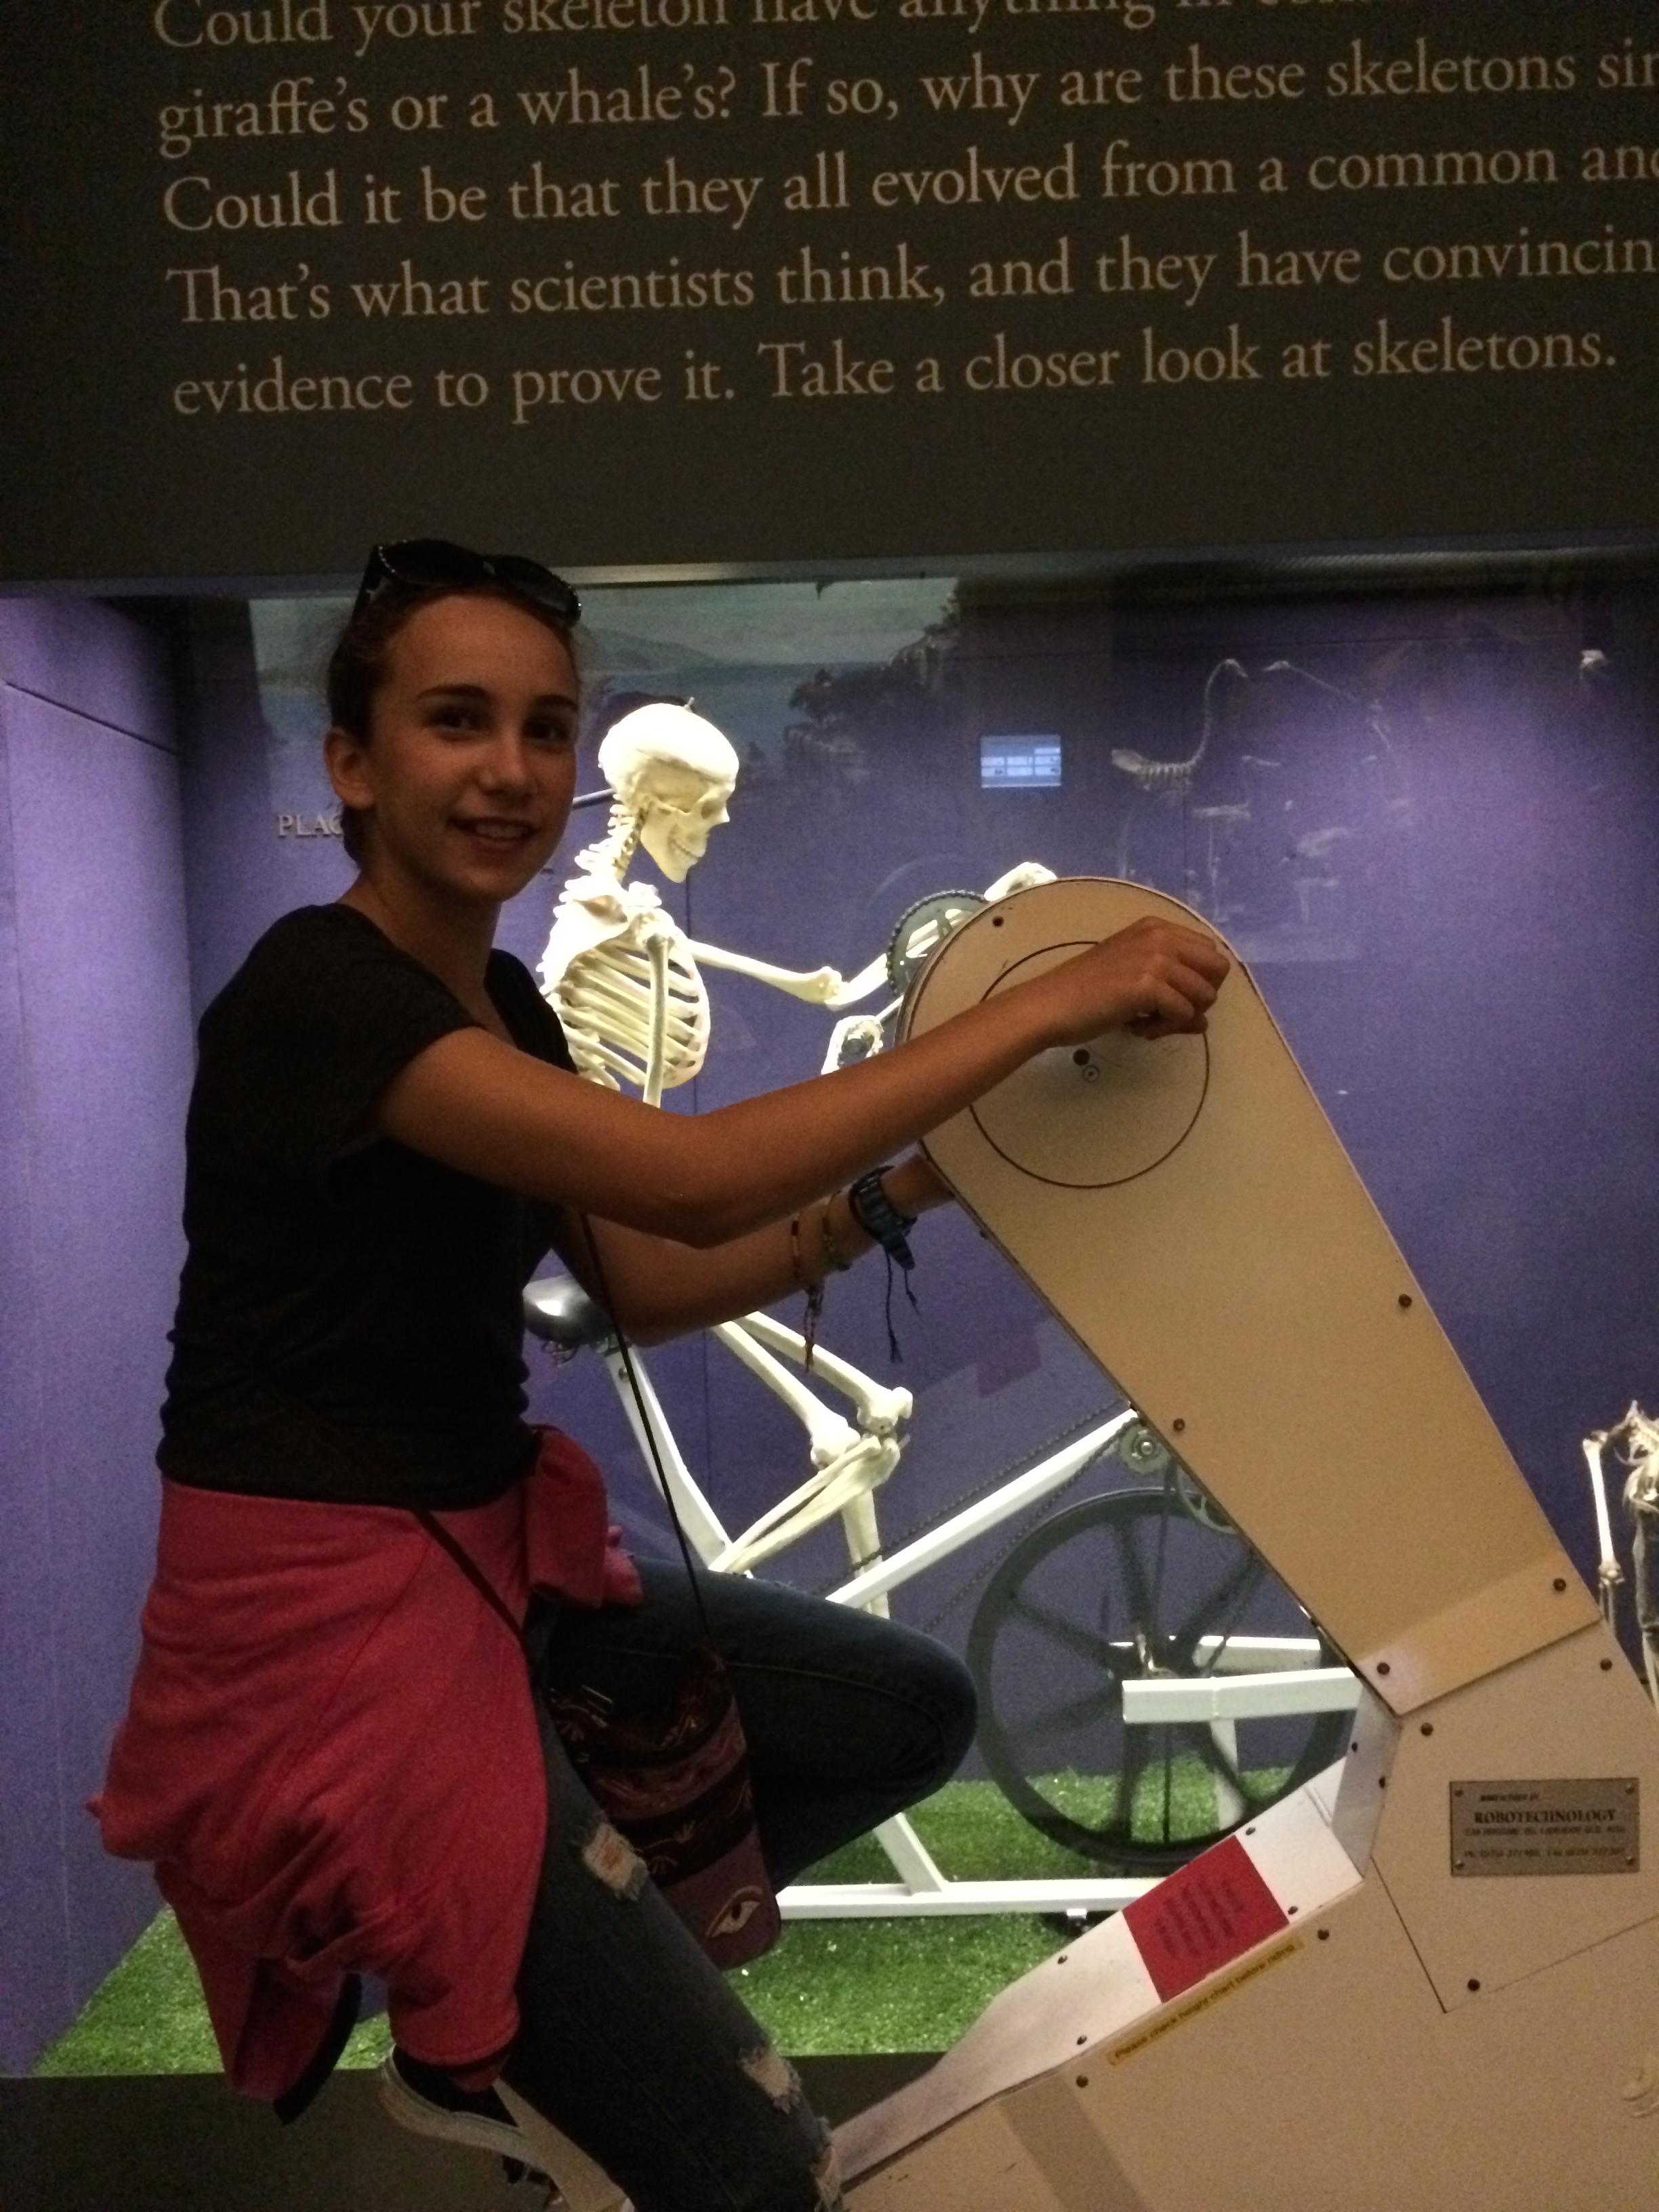 australianmuseum1.jpg